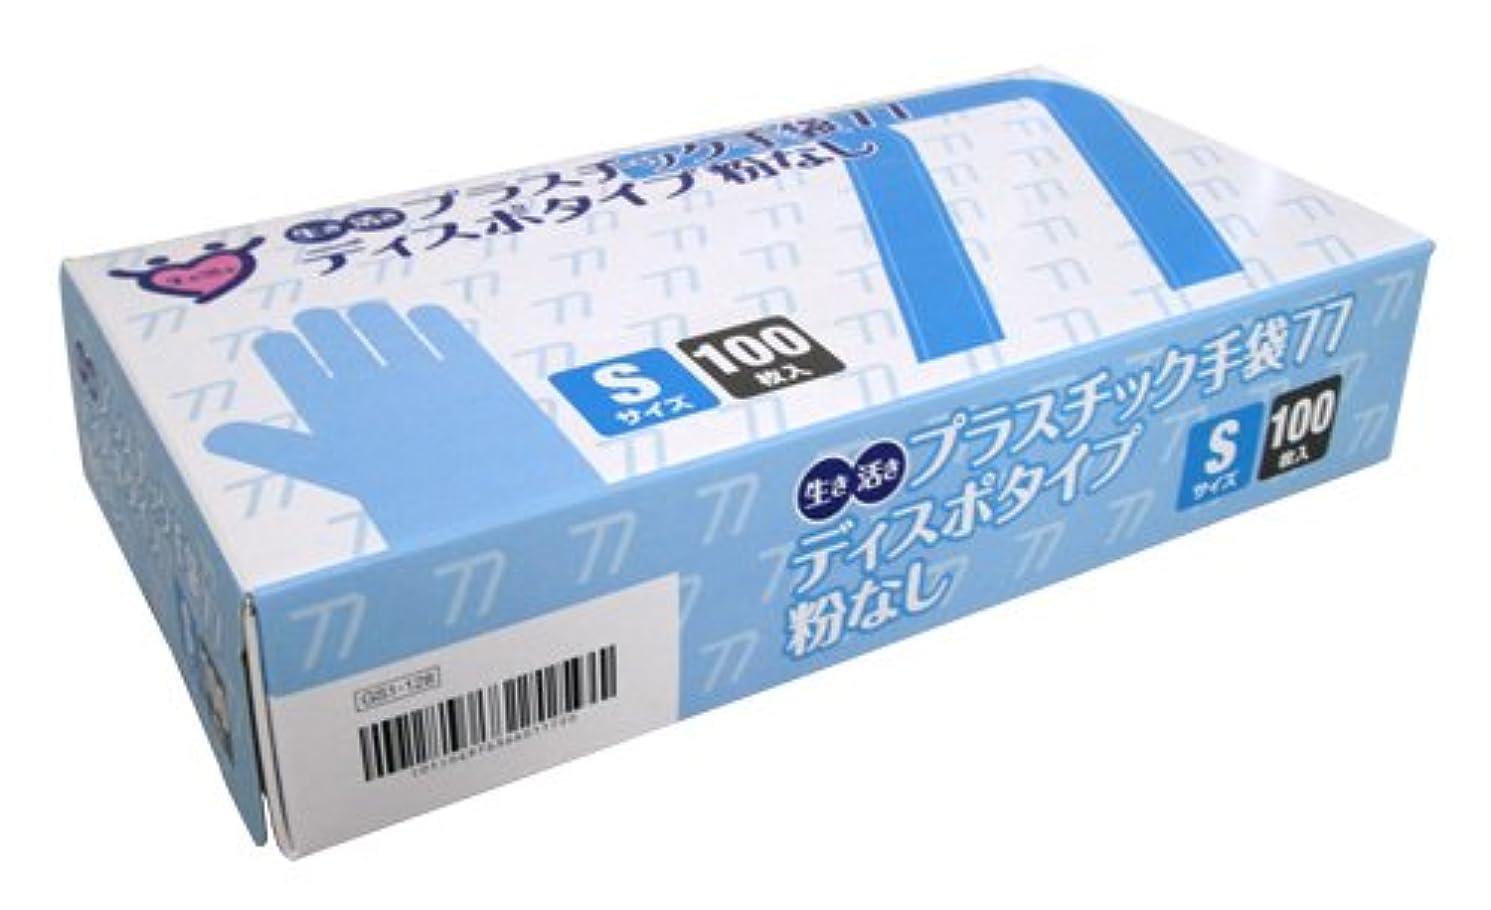 ゆでる専門化するに関して宇都宮製作 生き活きプラスチック手袋77 ディスポタイプ 粉なし 100枚入 S